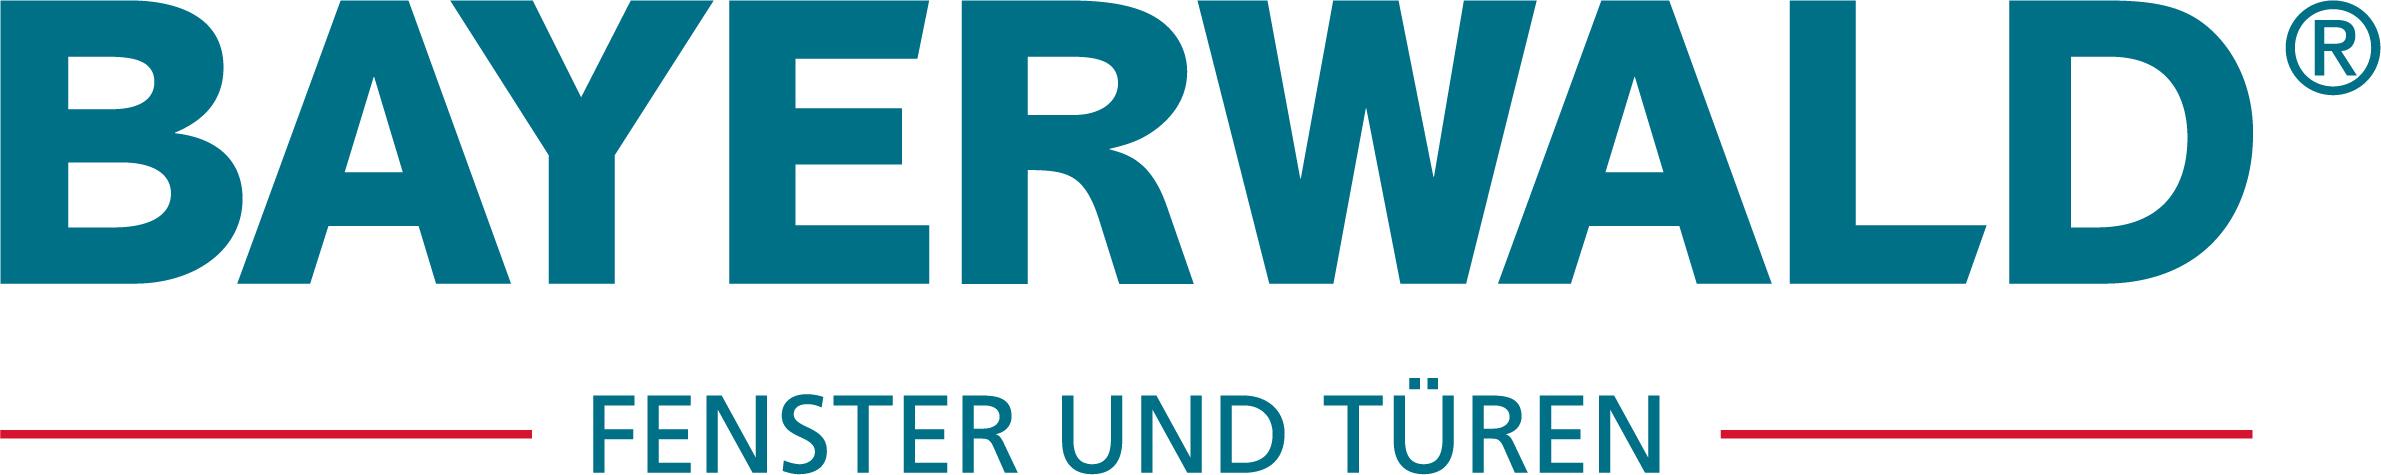 logo von bayerwald fenster t ren bayerwald fenster haust ren. Black Bedroom Furniture Sets. Home Design Ideas